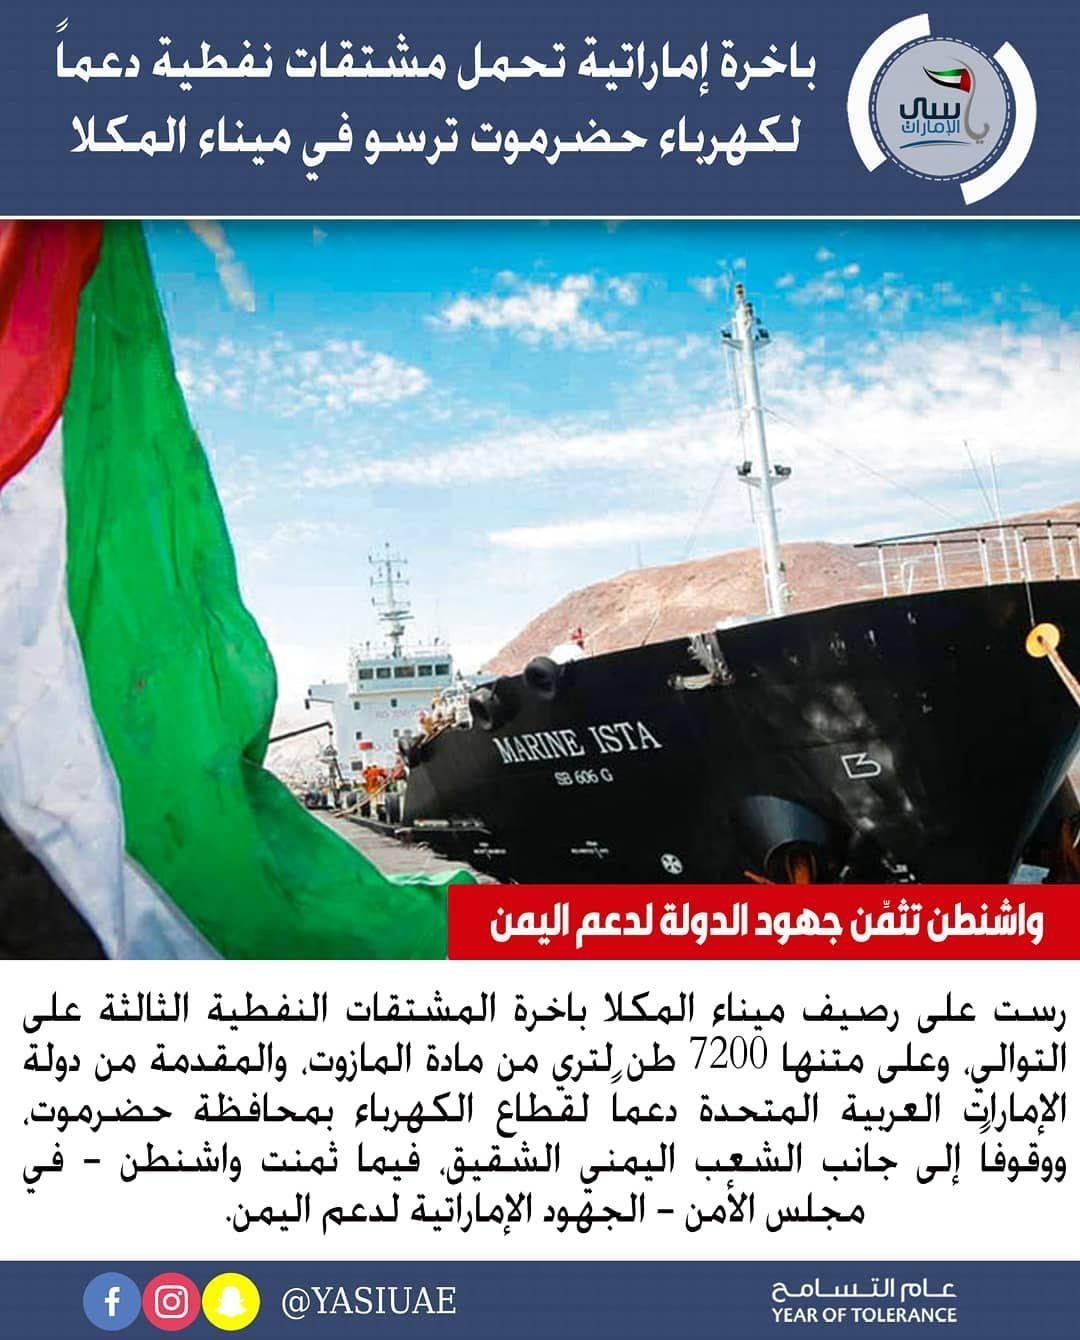 الامارات باخرة إماراتية تحمل مشتقات نفطية دعما لكهرباء حضرموت ترسو في ميناء المكلا اليمن Emiratesrc Movie Posters Salaj Poster